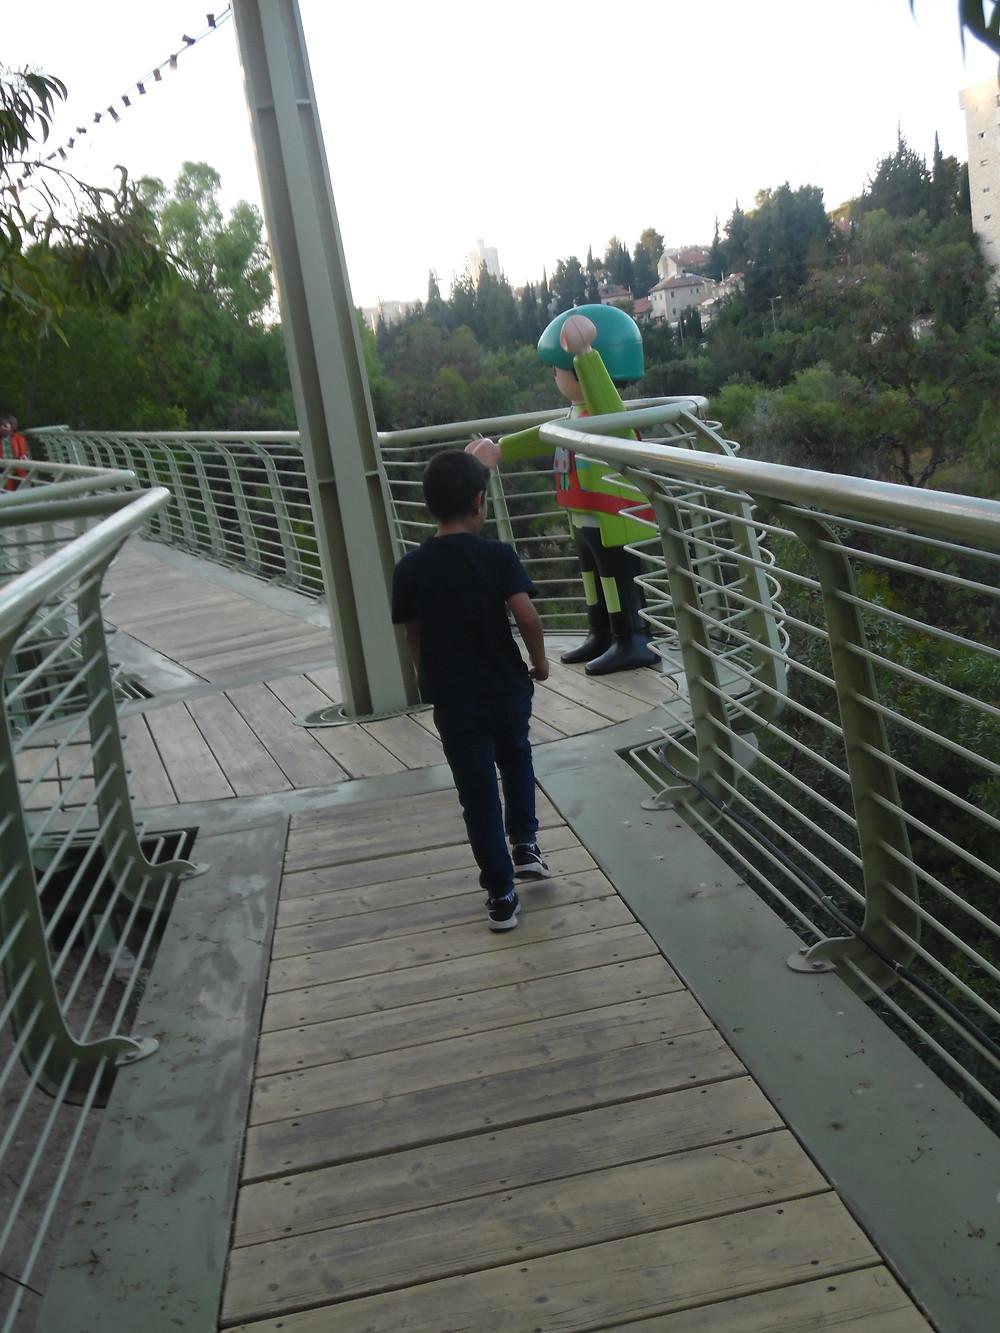 אופיר במרוץ פליימוביל בגן הבוטני. צילום:אושרת אביחצירה פרזם